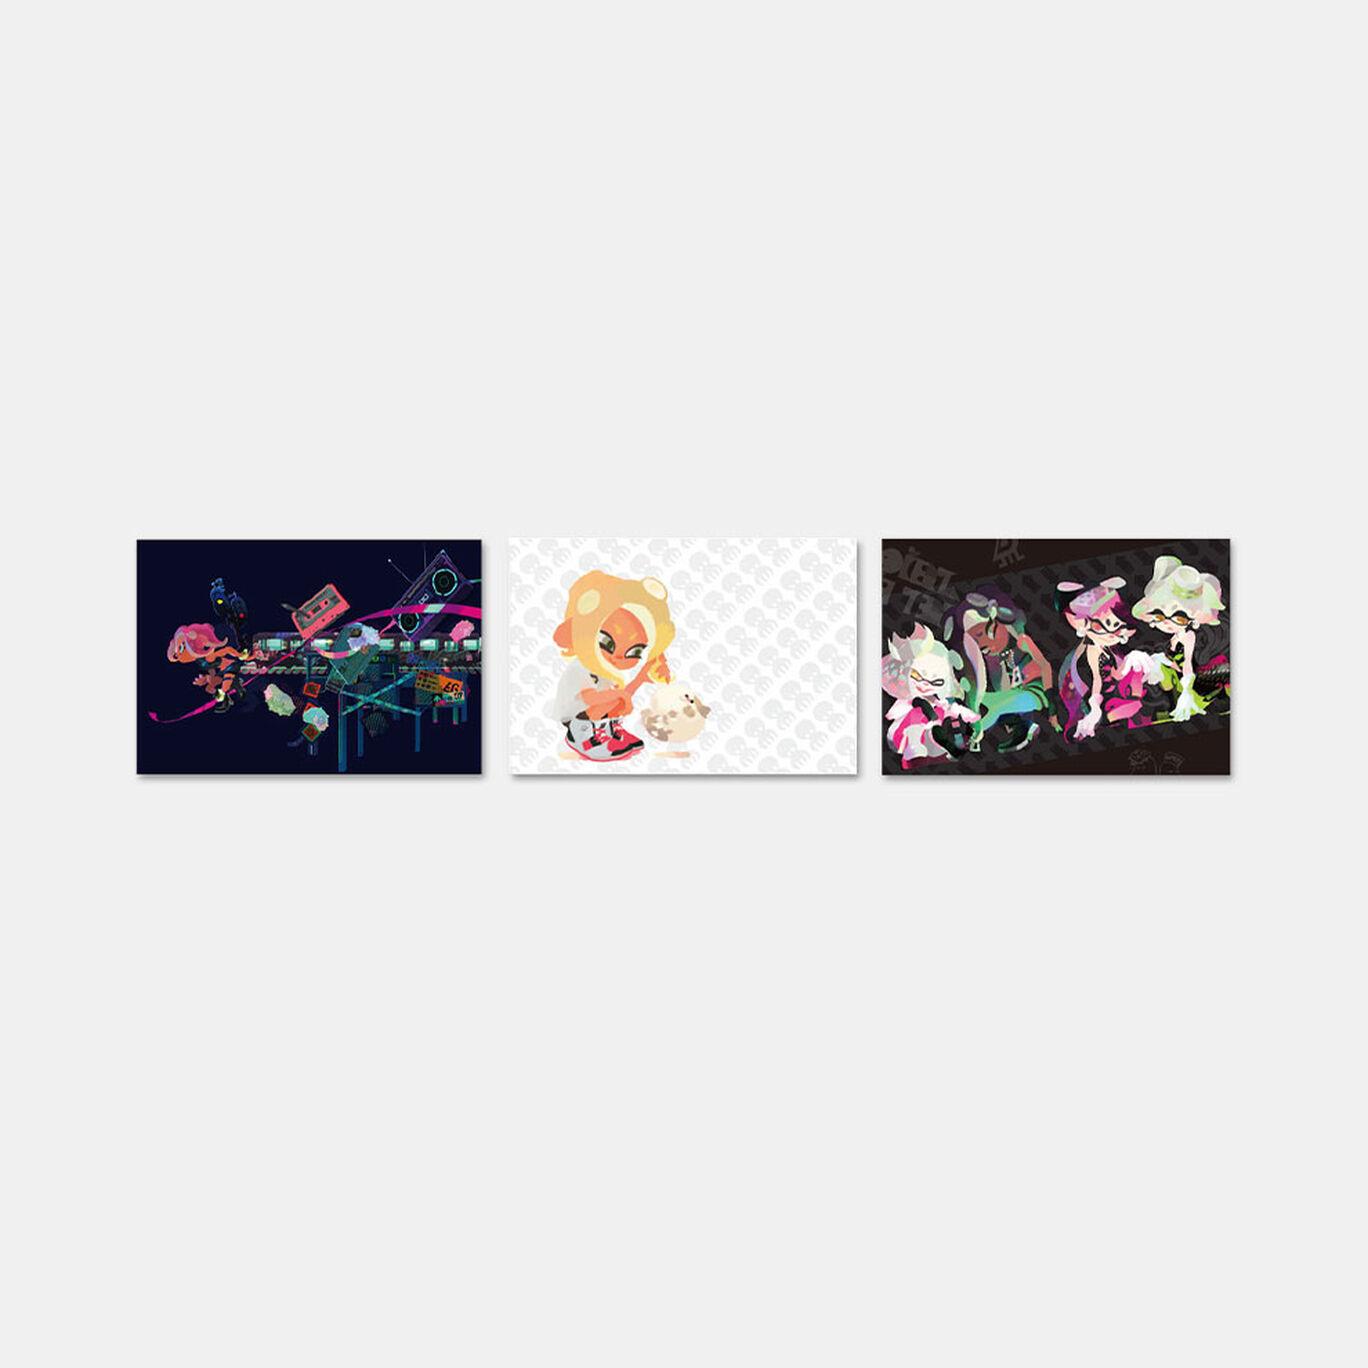 スプラトゥーン2 イカすポストカードコレクション(8種)